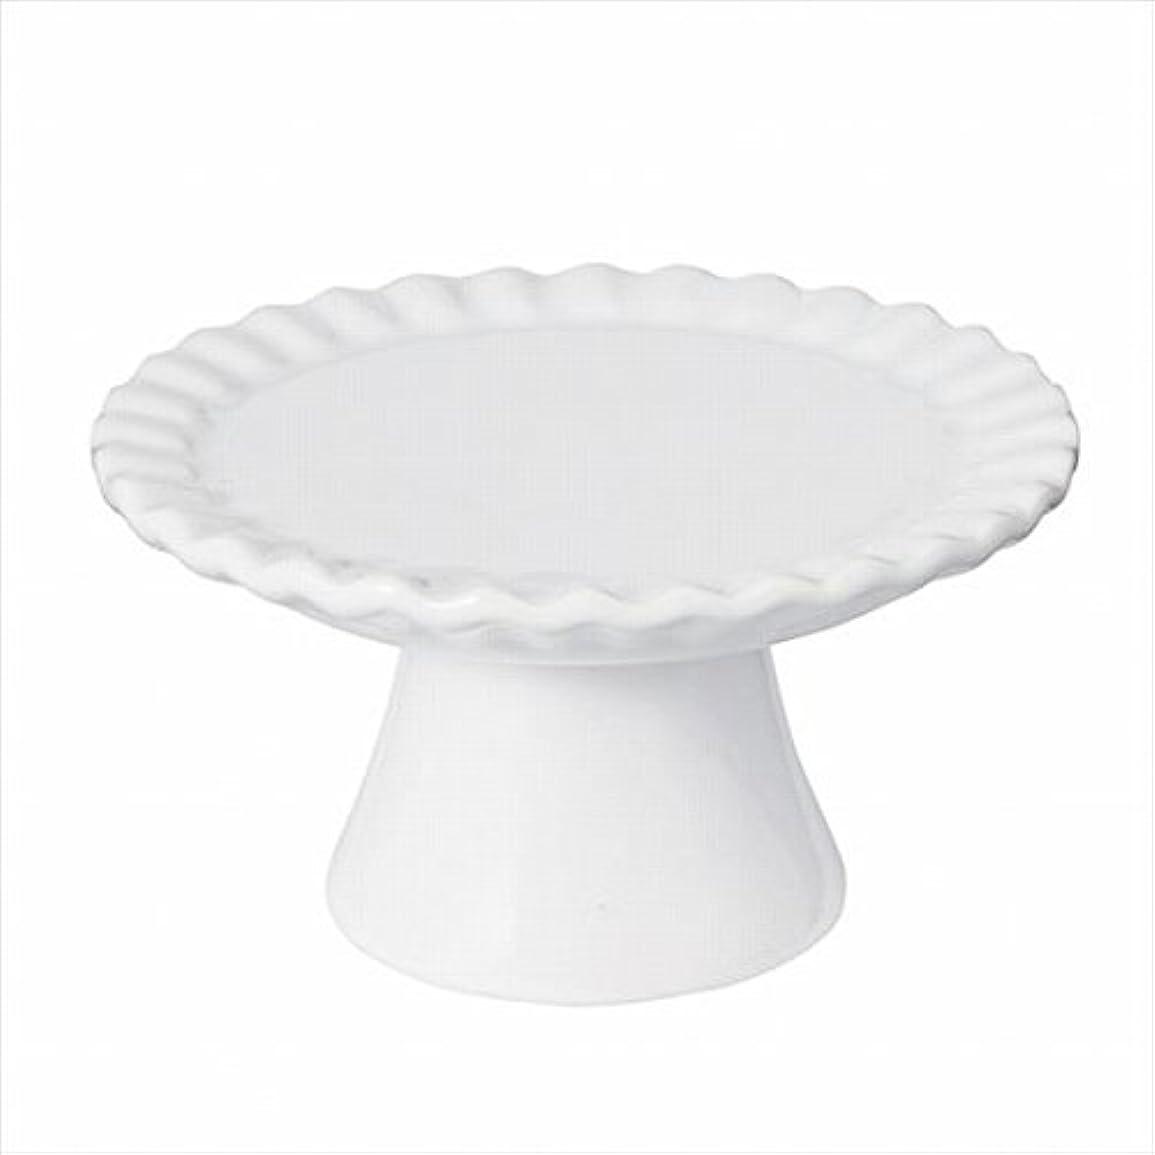 雹クラッシュテクトニックスイーツキャンドル( sweets candle ) ドルチェコンポート 「 ホワイト 」